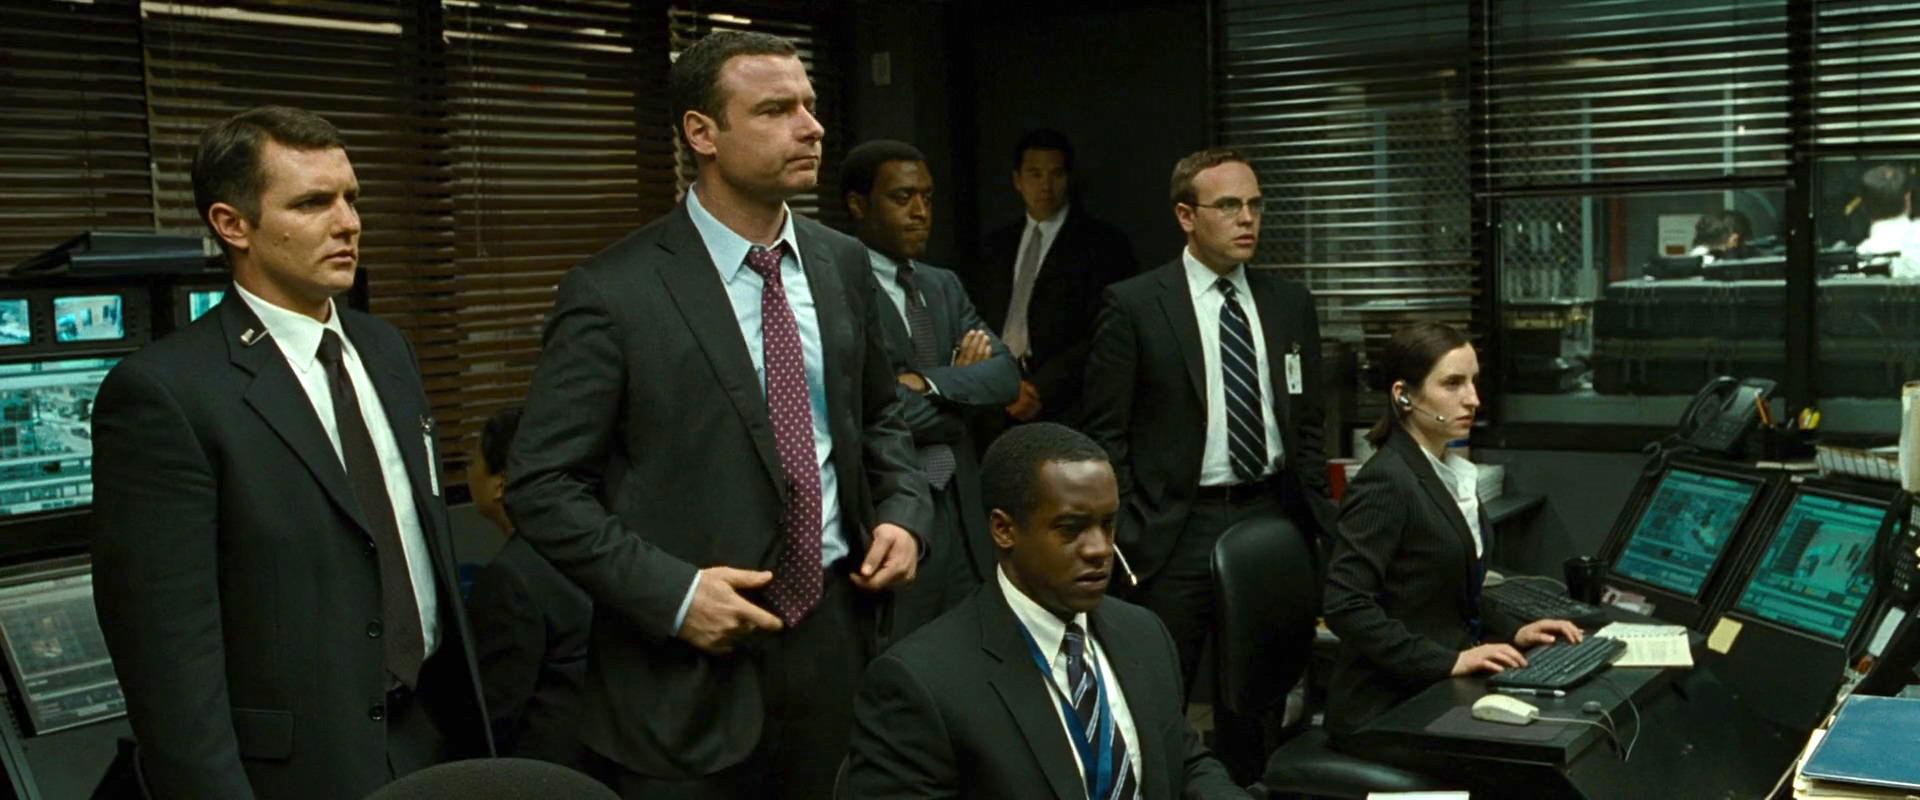 Liev Schreiber, Chiwetel Ejiofor, Zach Shaffer, Albert Jones, Kevin O'Donnell, and Zoe Lister-Jones in Salt (2010)